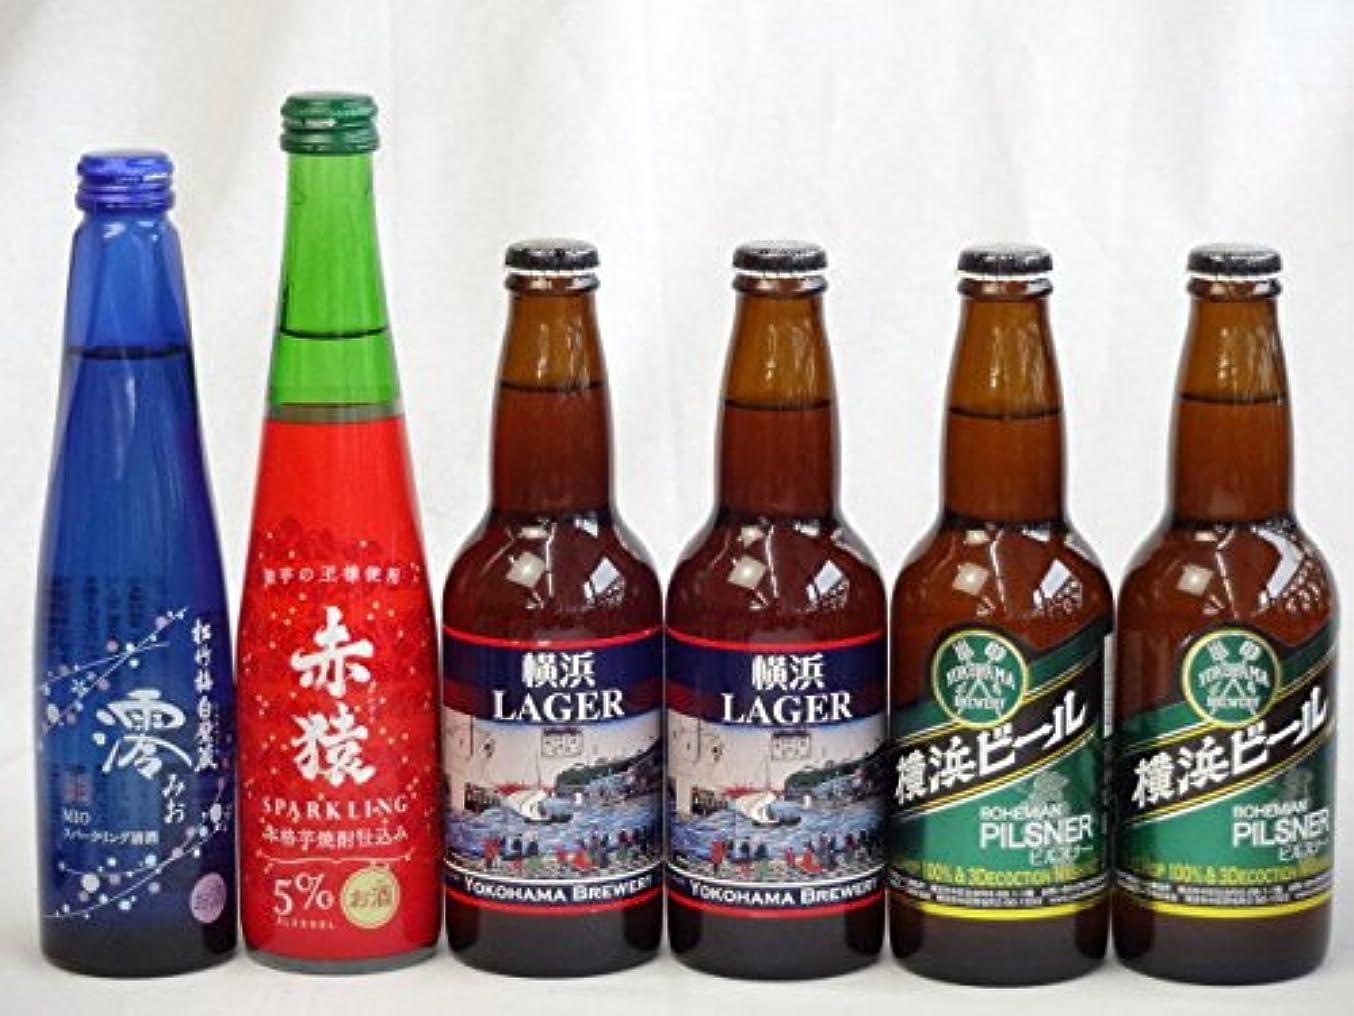 空港四貪欲スパークリングパーティ6本セット 日本酒スパークリング清酒(澪300ml) 本格紫芋焼酎スパークリング(赤猿300ml)(横浜ラガー330ml×2本 横浜ビールピルスナー330ml×2本)